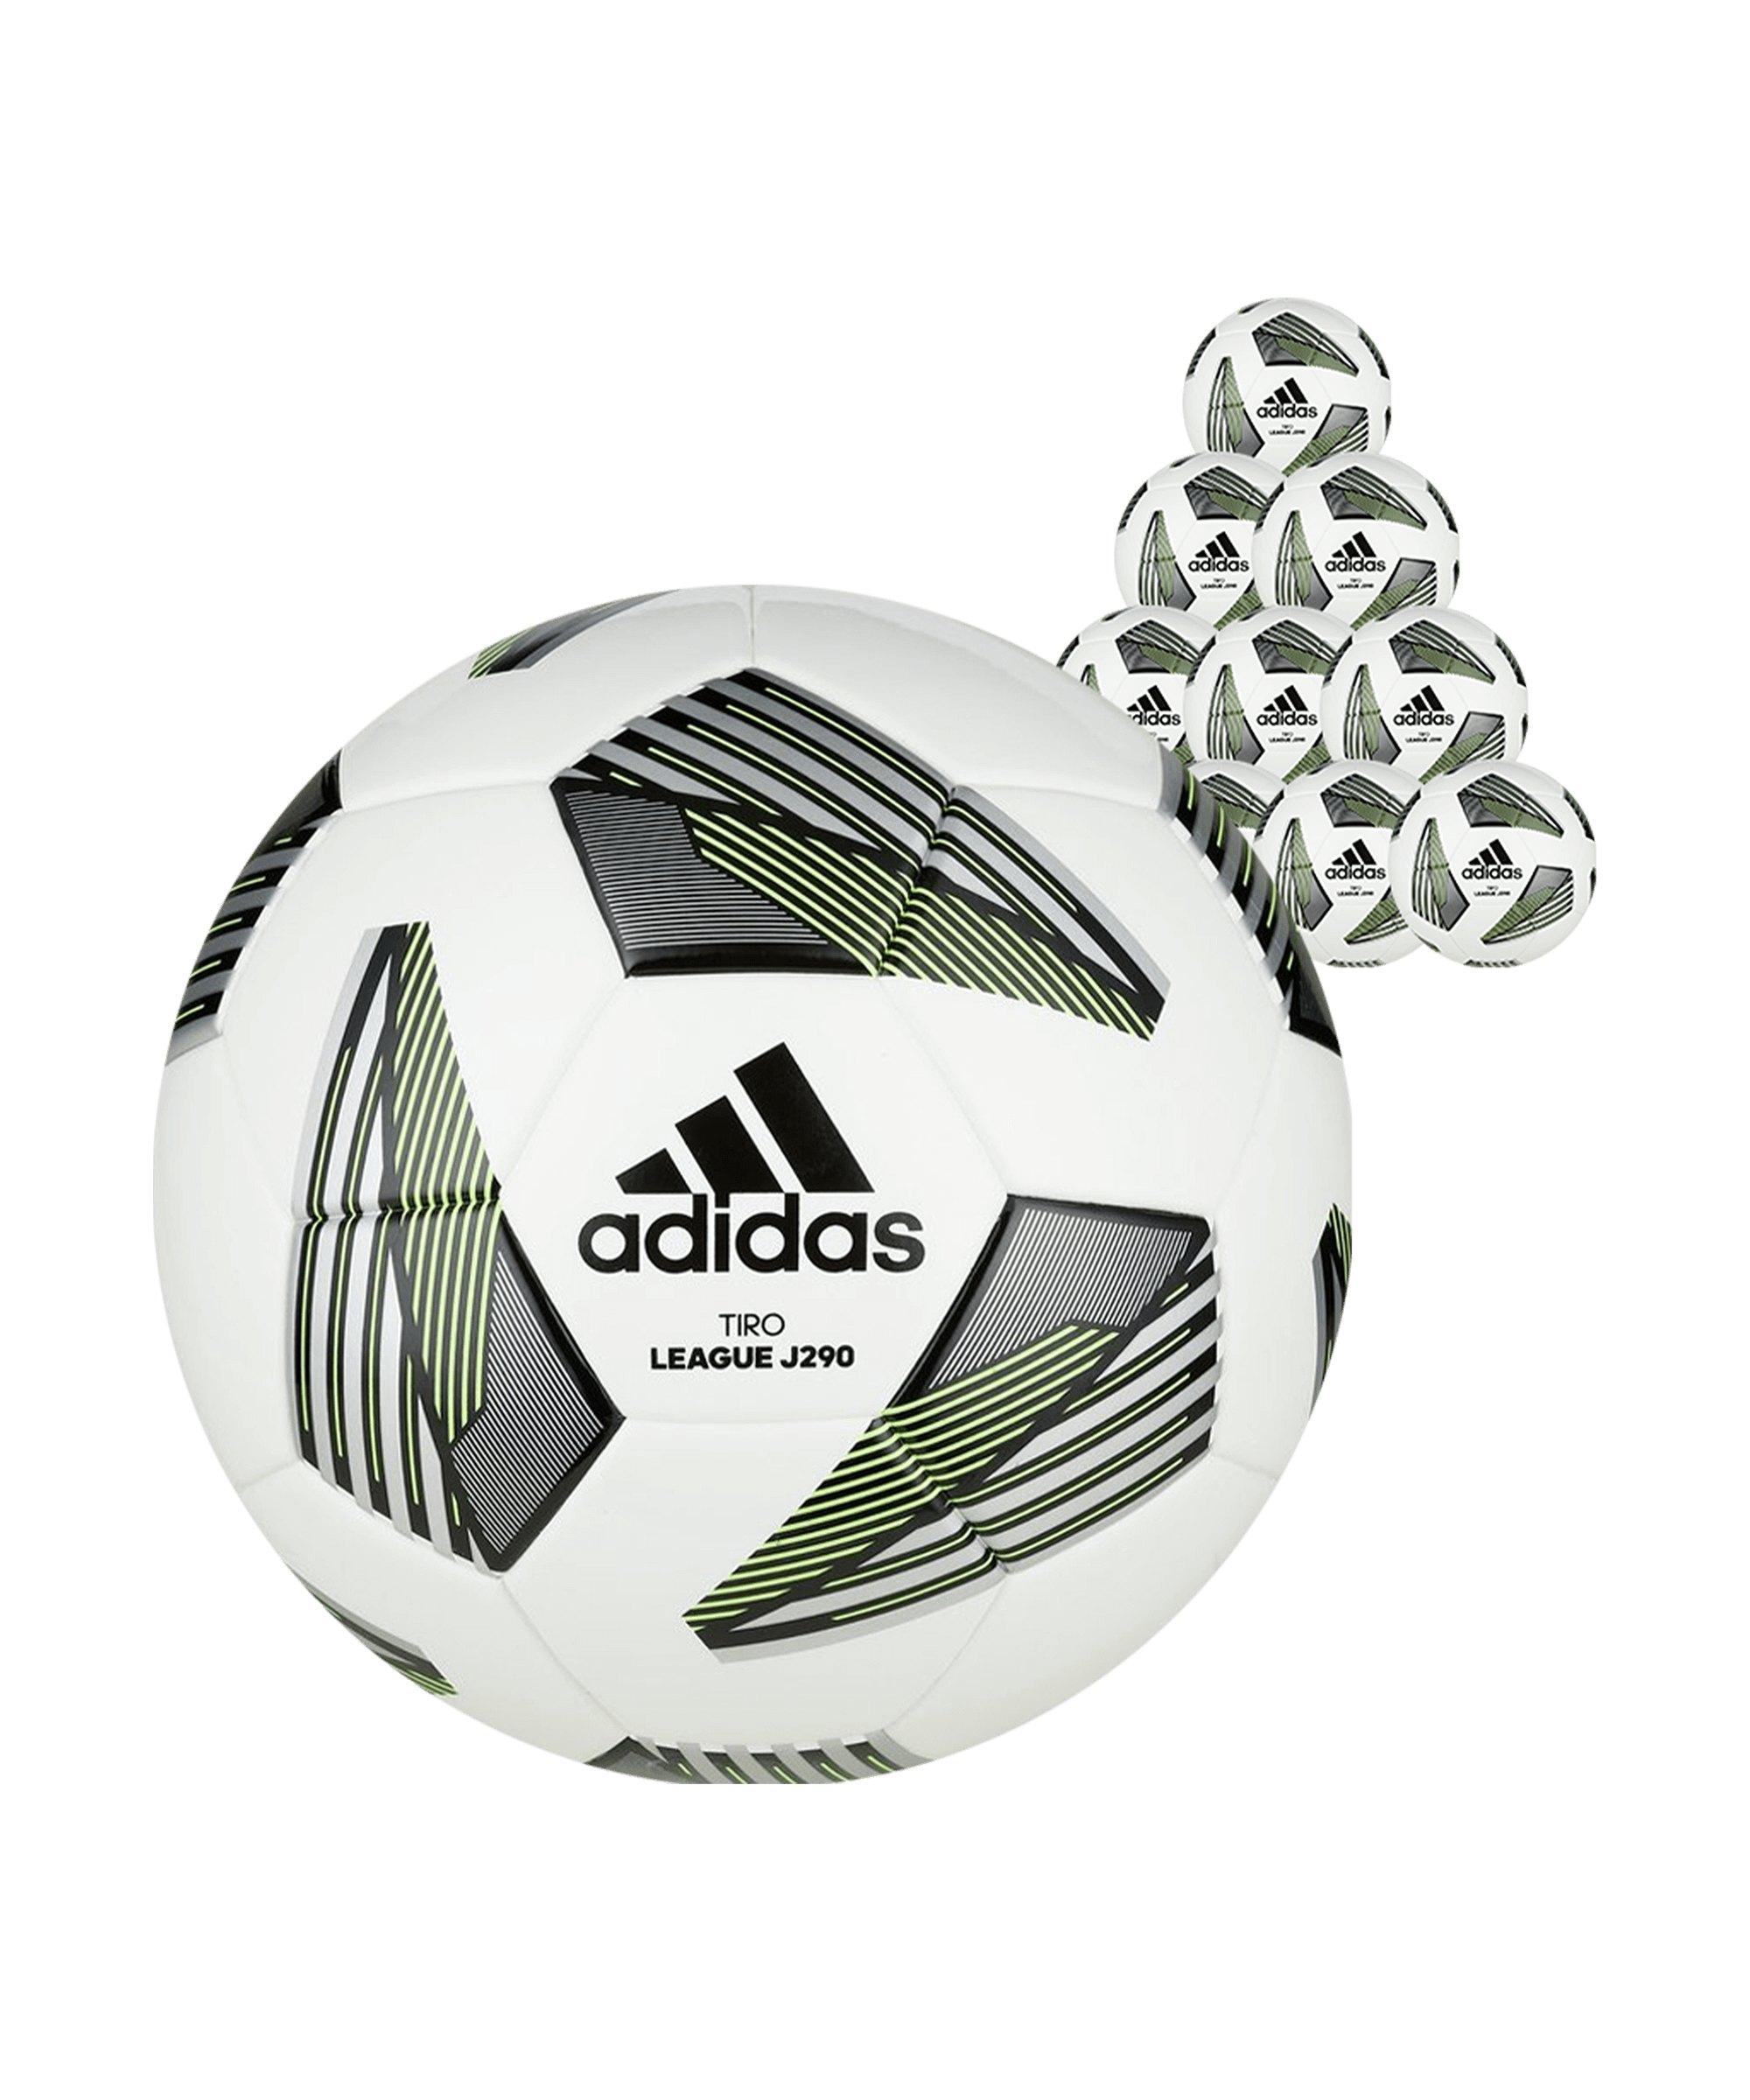 adidas Tiro League Junior 290 Gramm 20x Gr.5Fussball Weiss - weiss